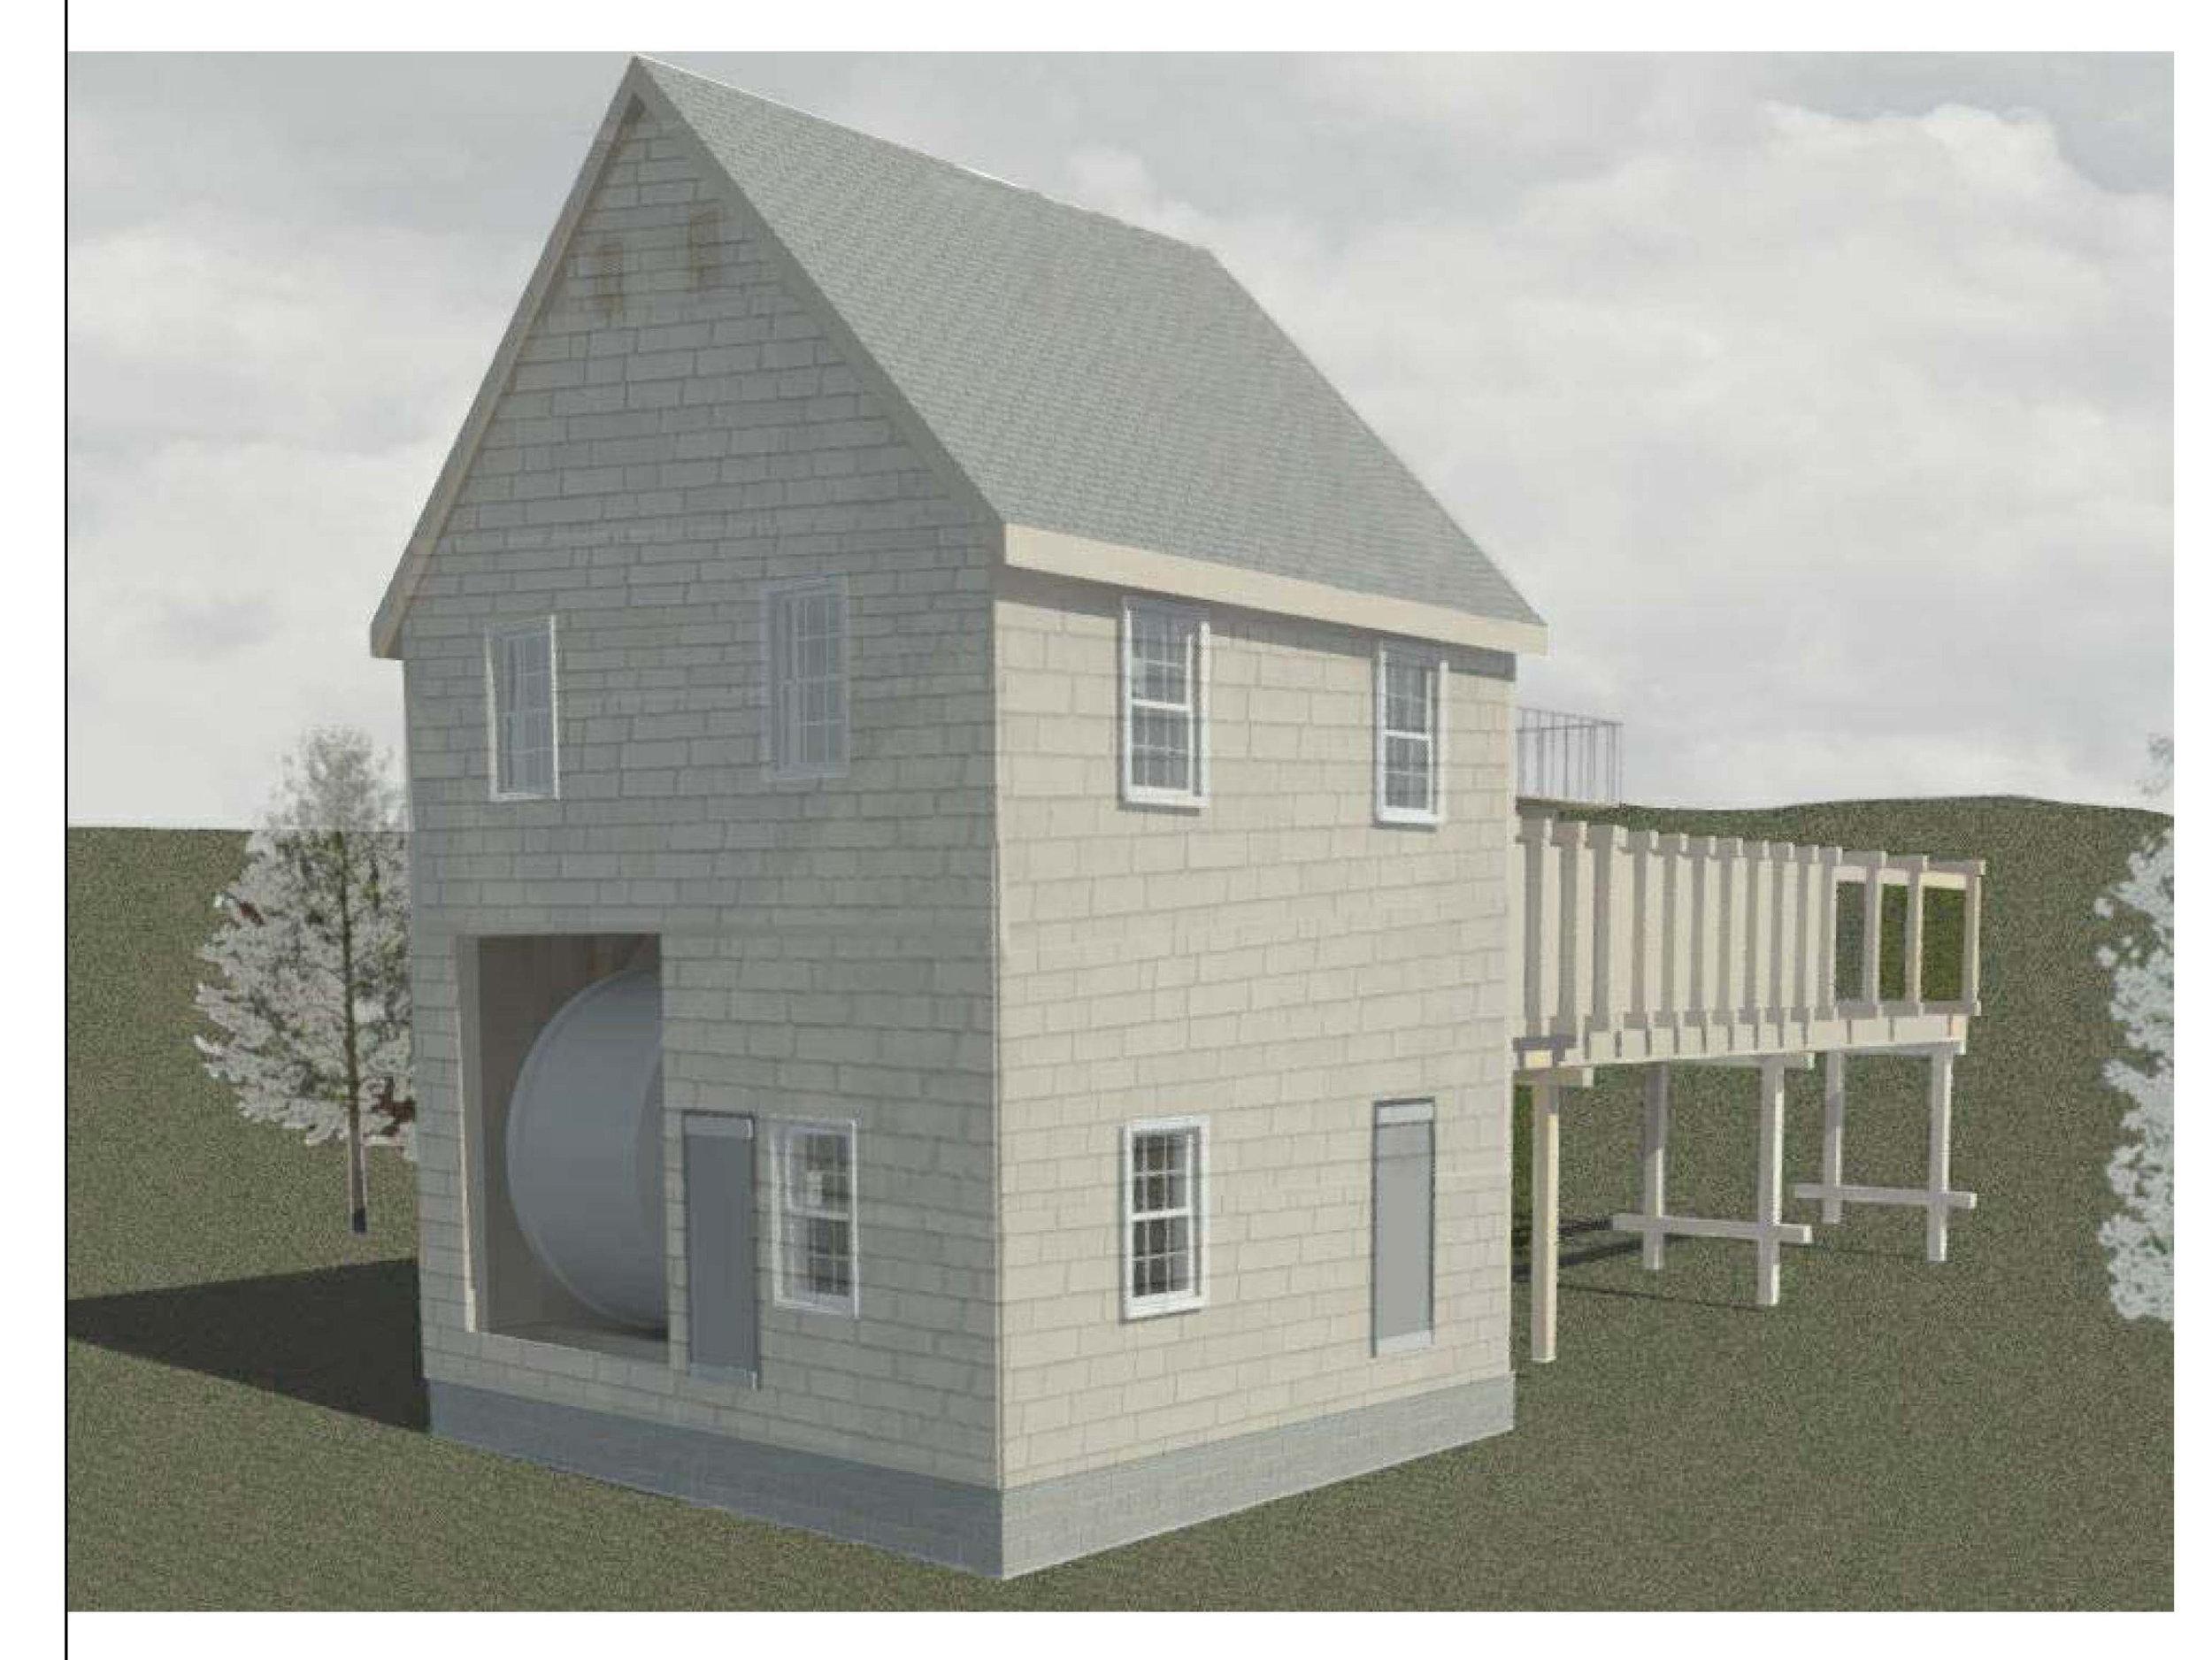 Flume House Perspectives - 3.jpg